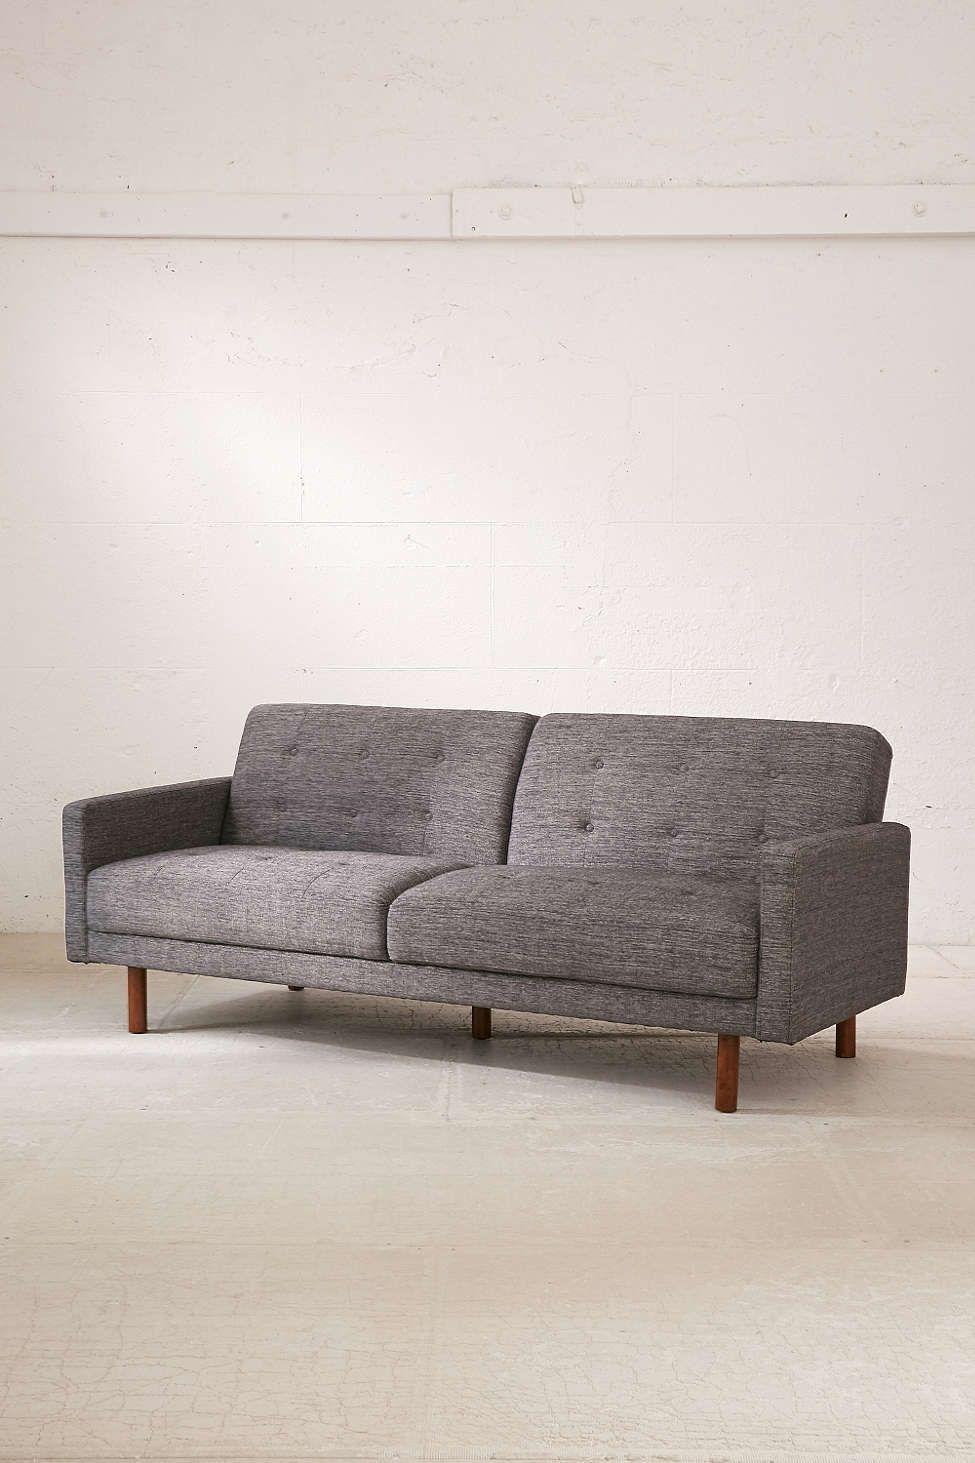 Berwick Mid Century Sleeper Sofa Sleepersofa Sleeper Sofa